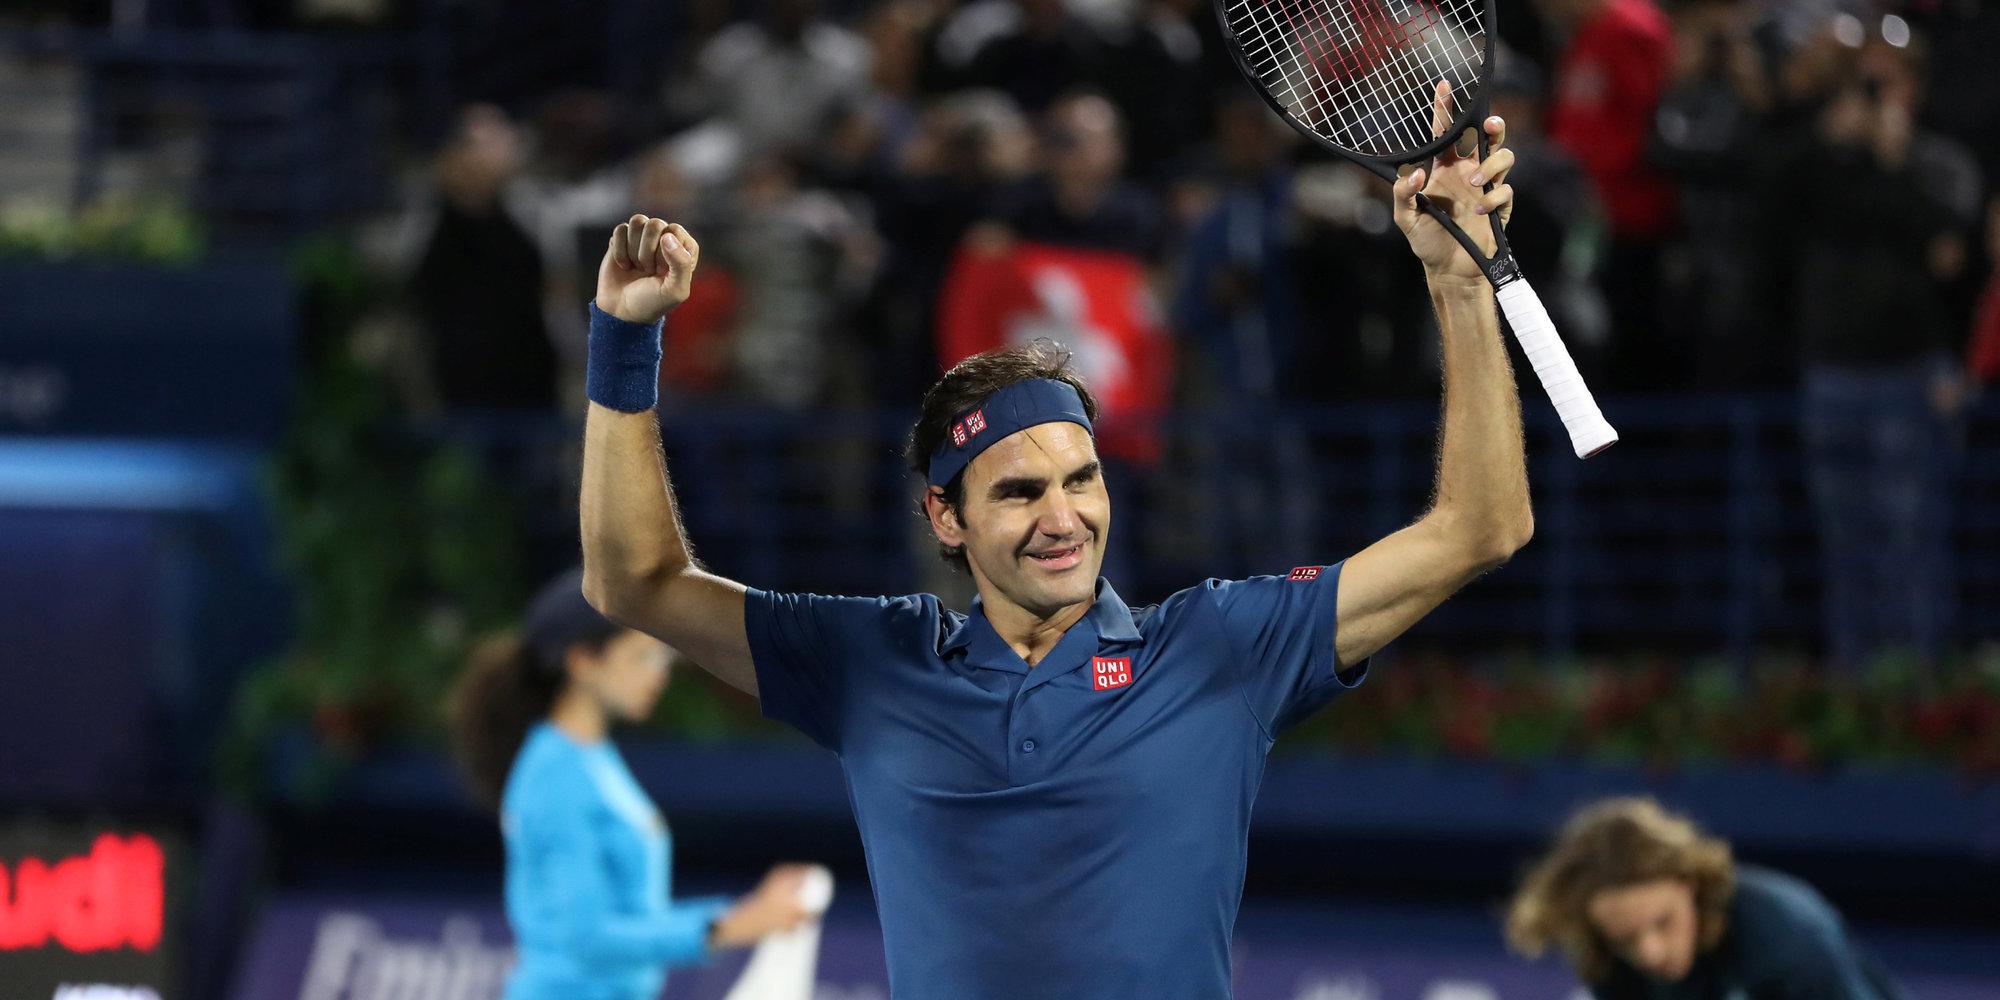 «Я снова чувствую себя молодым». Федерер — о 102-м титуле ATP в карьере